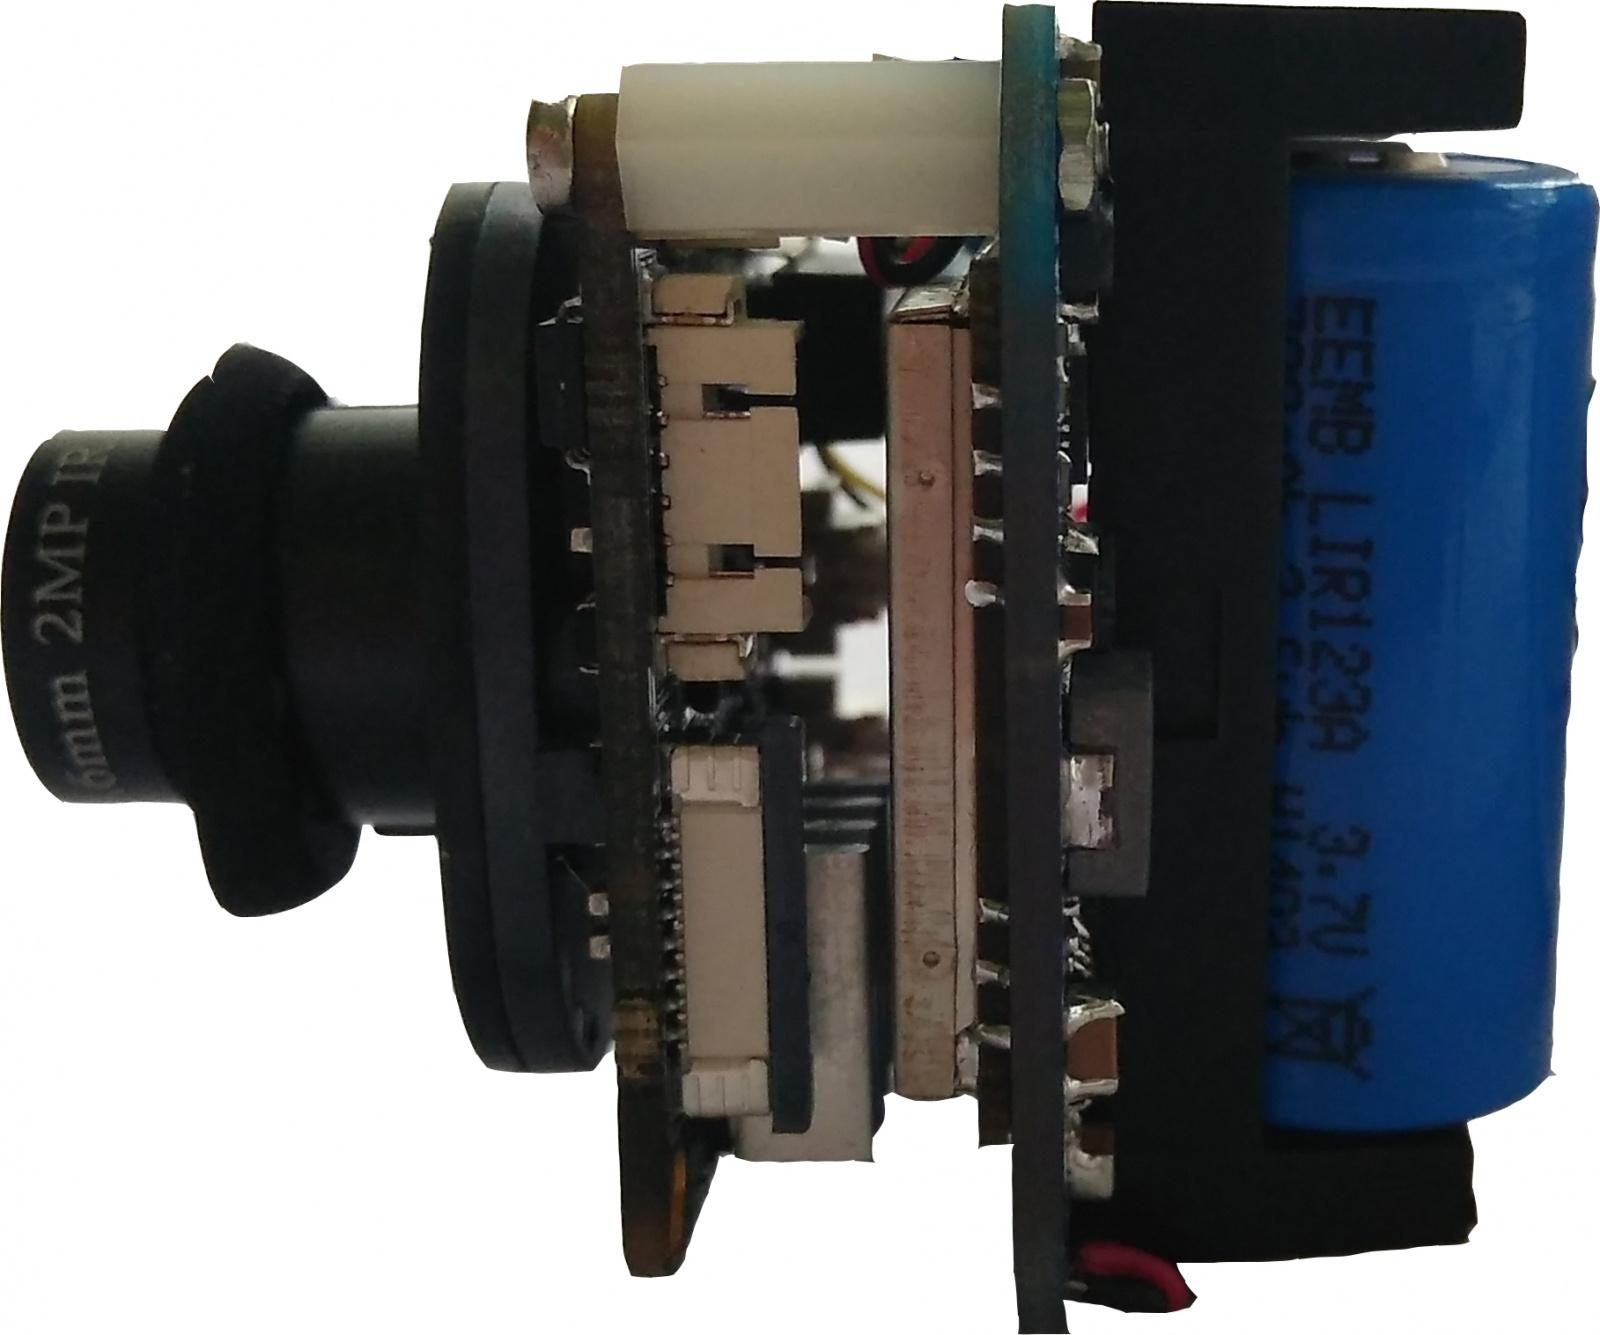 Как мы сделали малогабаритный облачный видеорегистратор из обычной IP камеры - 40